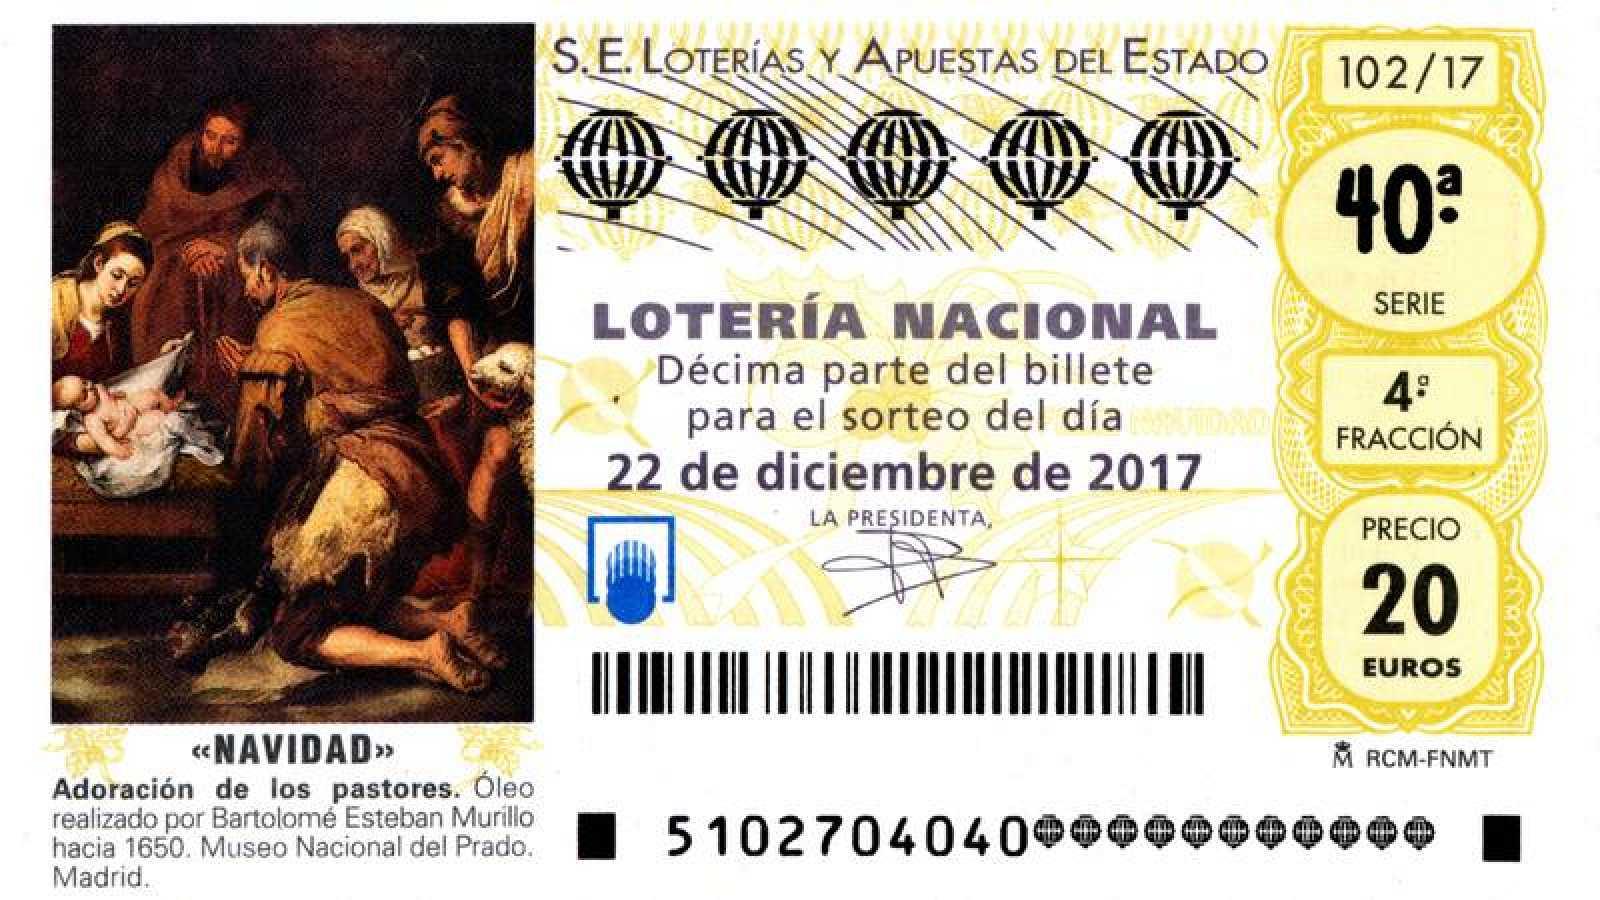 La Lotería De Navidad Homenajea A Murillo Rtve Es